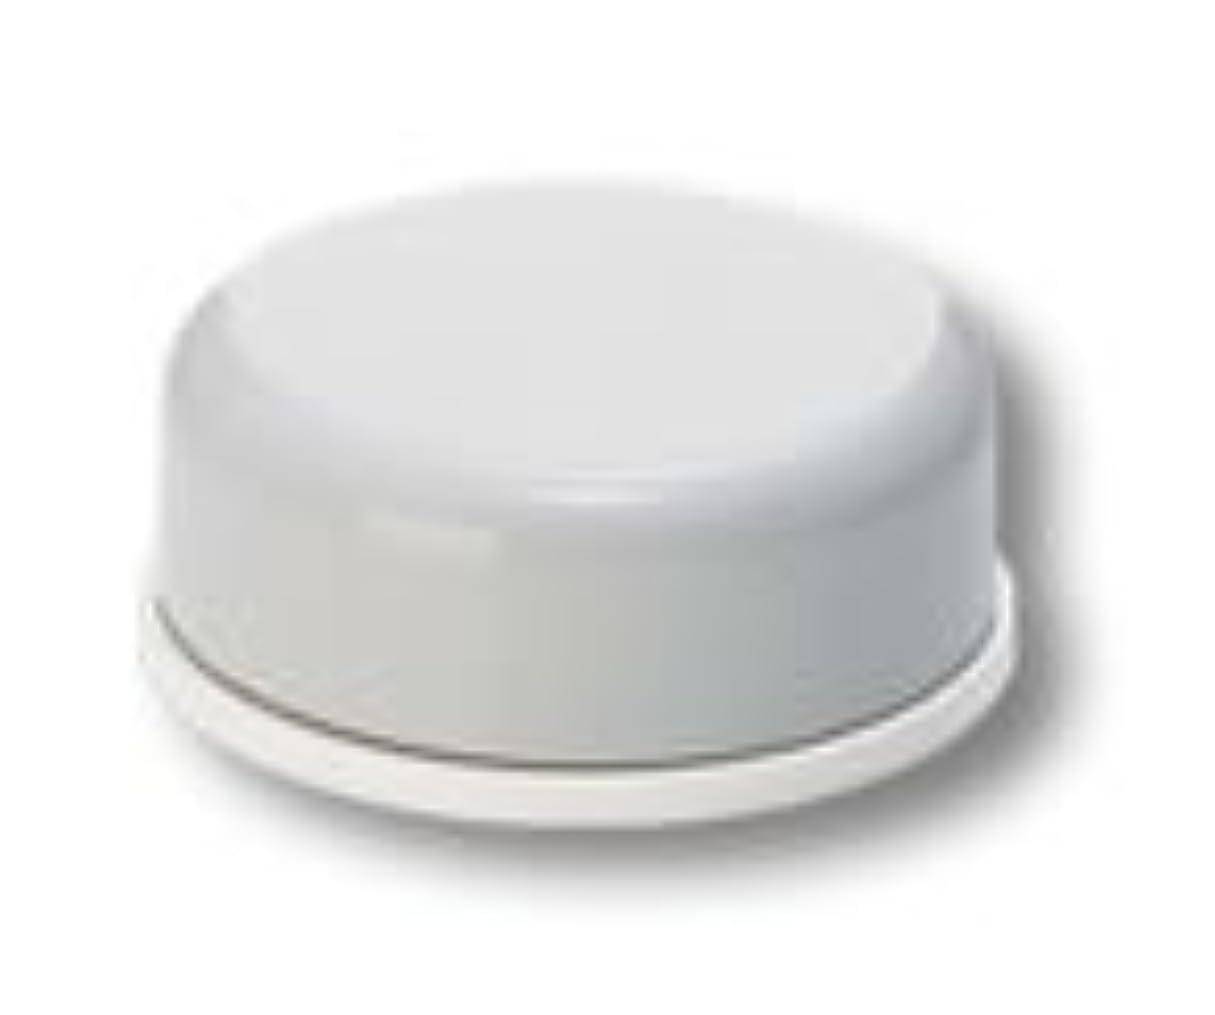 これら修羅場爆風カシー化粧品 (CATHY) リポルテ スポット ケア 6g